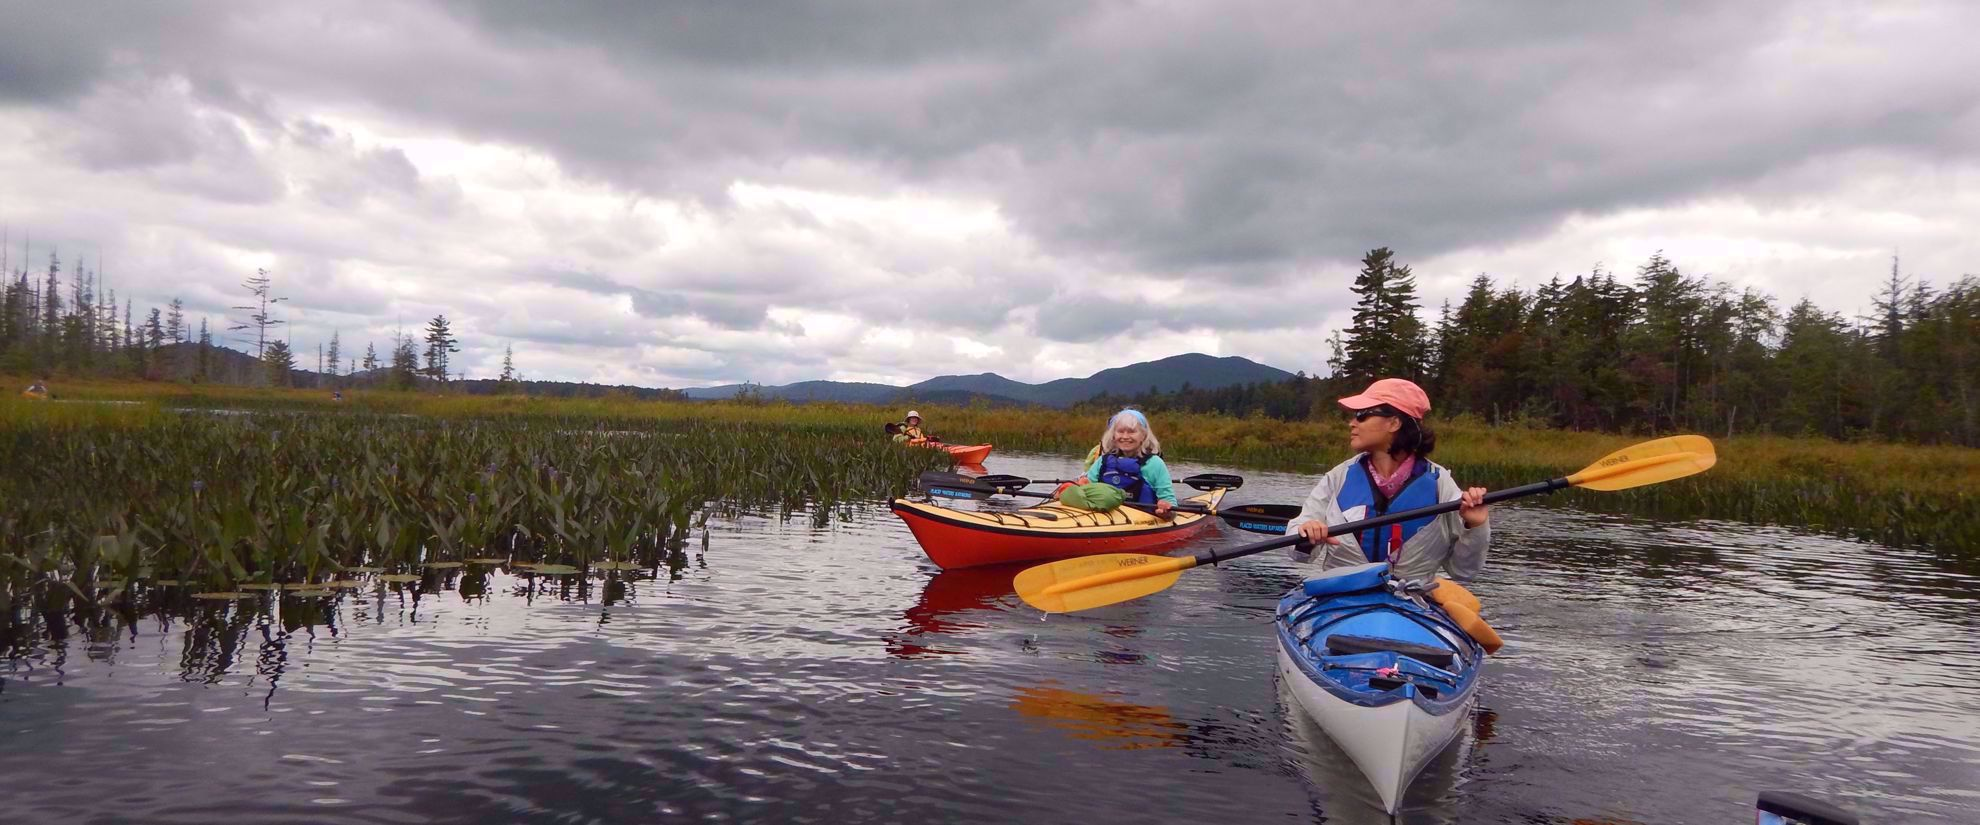 women's tour group kayaking in the adirondacks